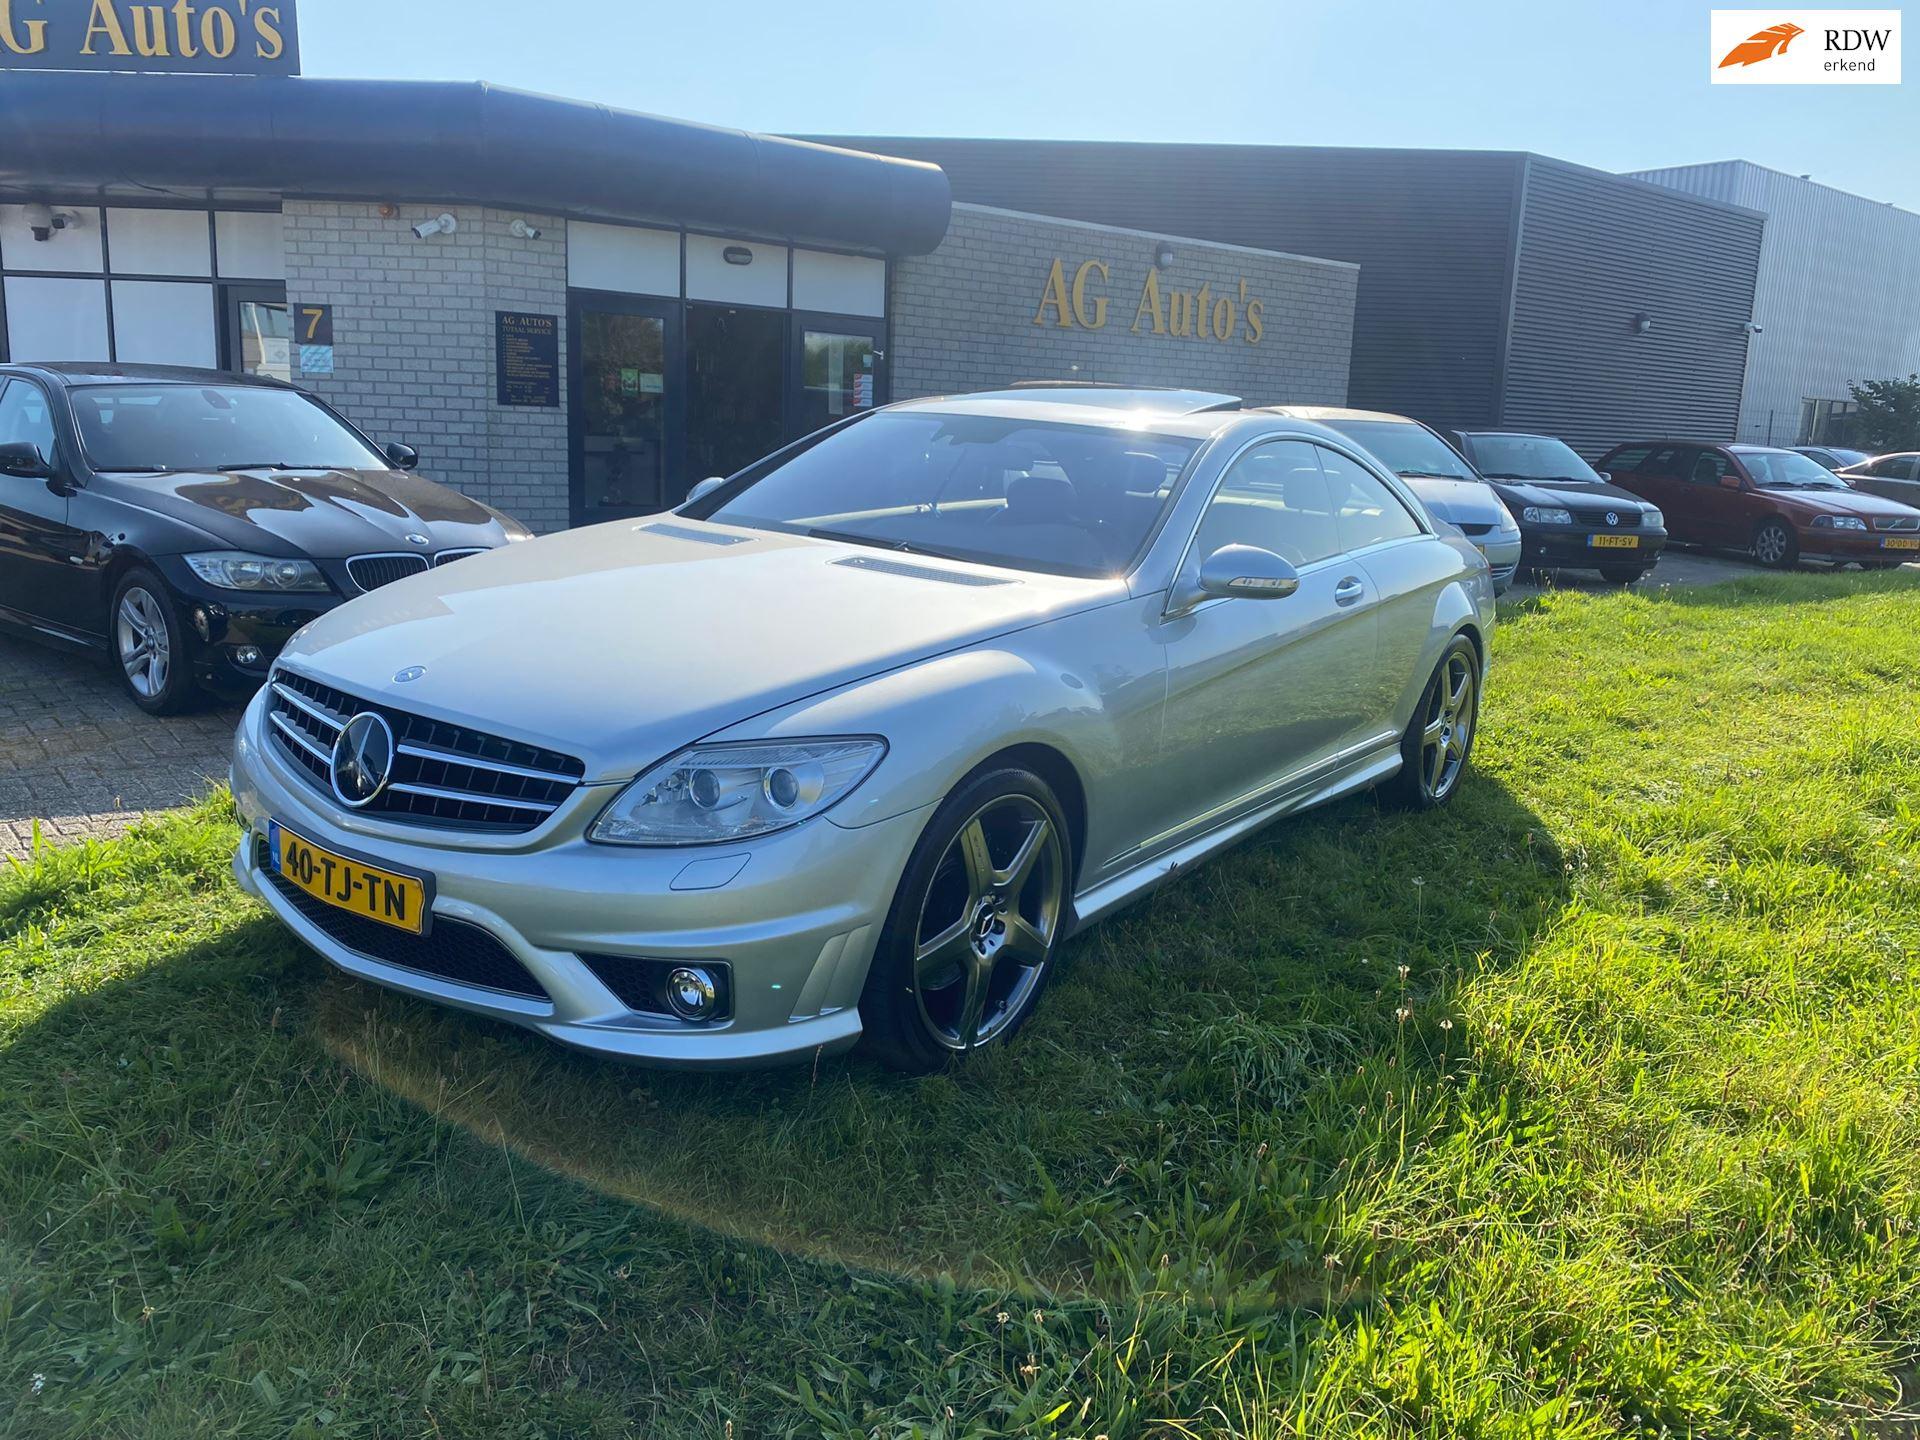 Mercedes-Benz CL-klasse occasion - AG Auto's